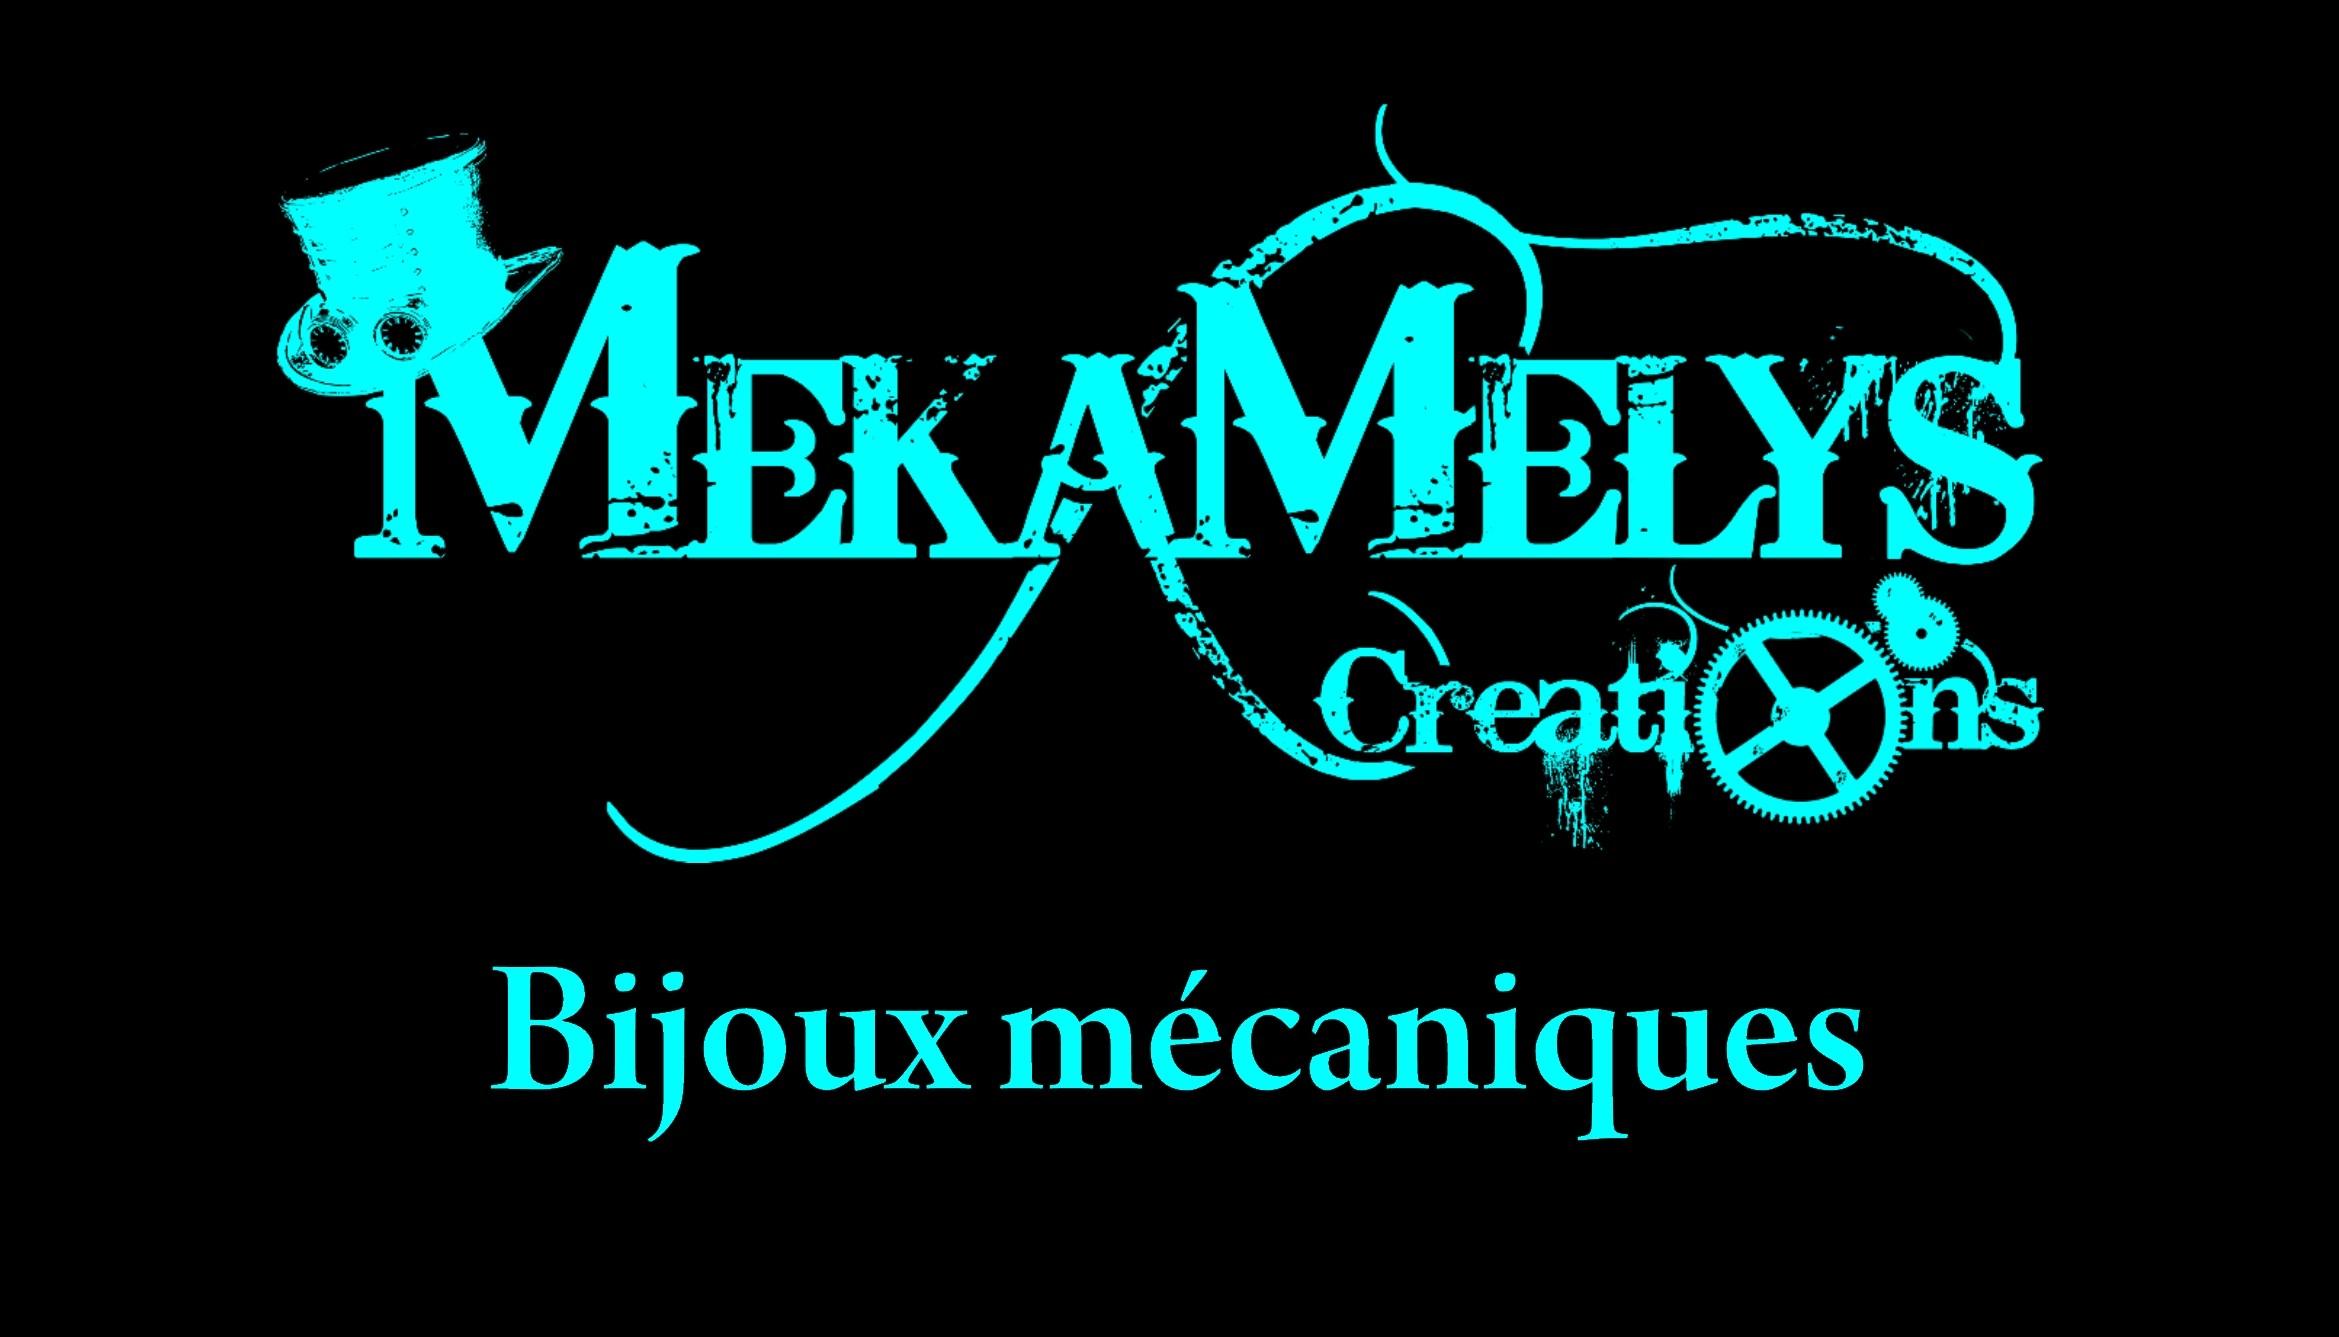 MEKAMELYS